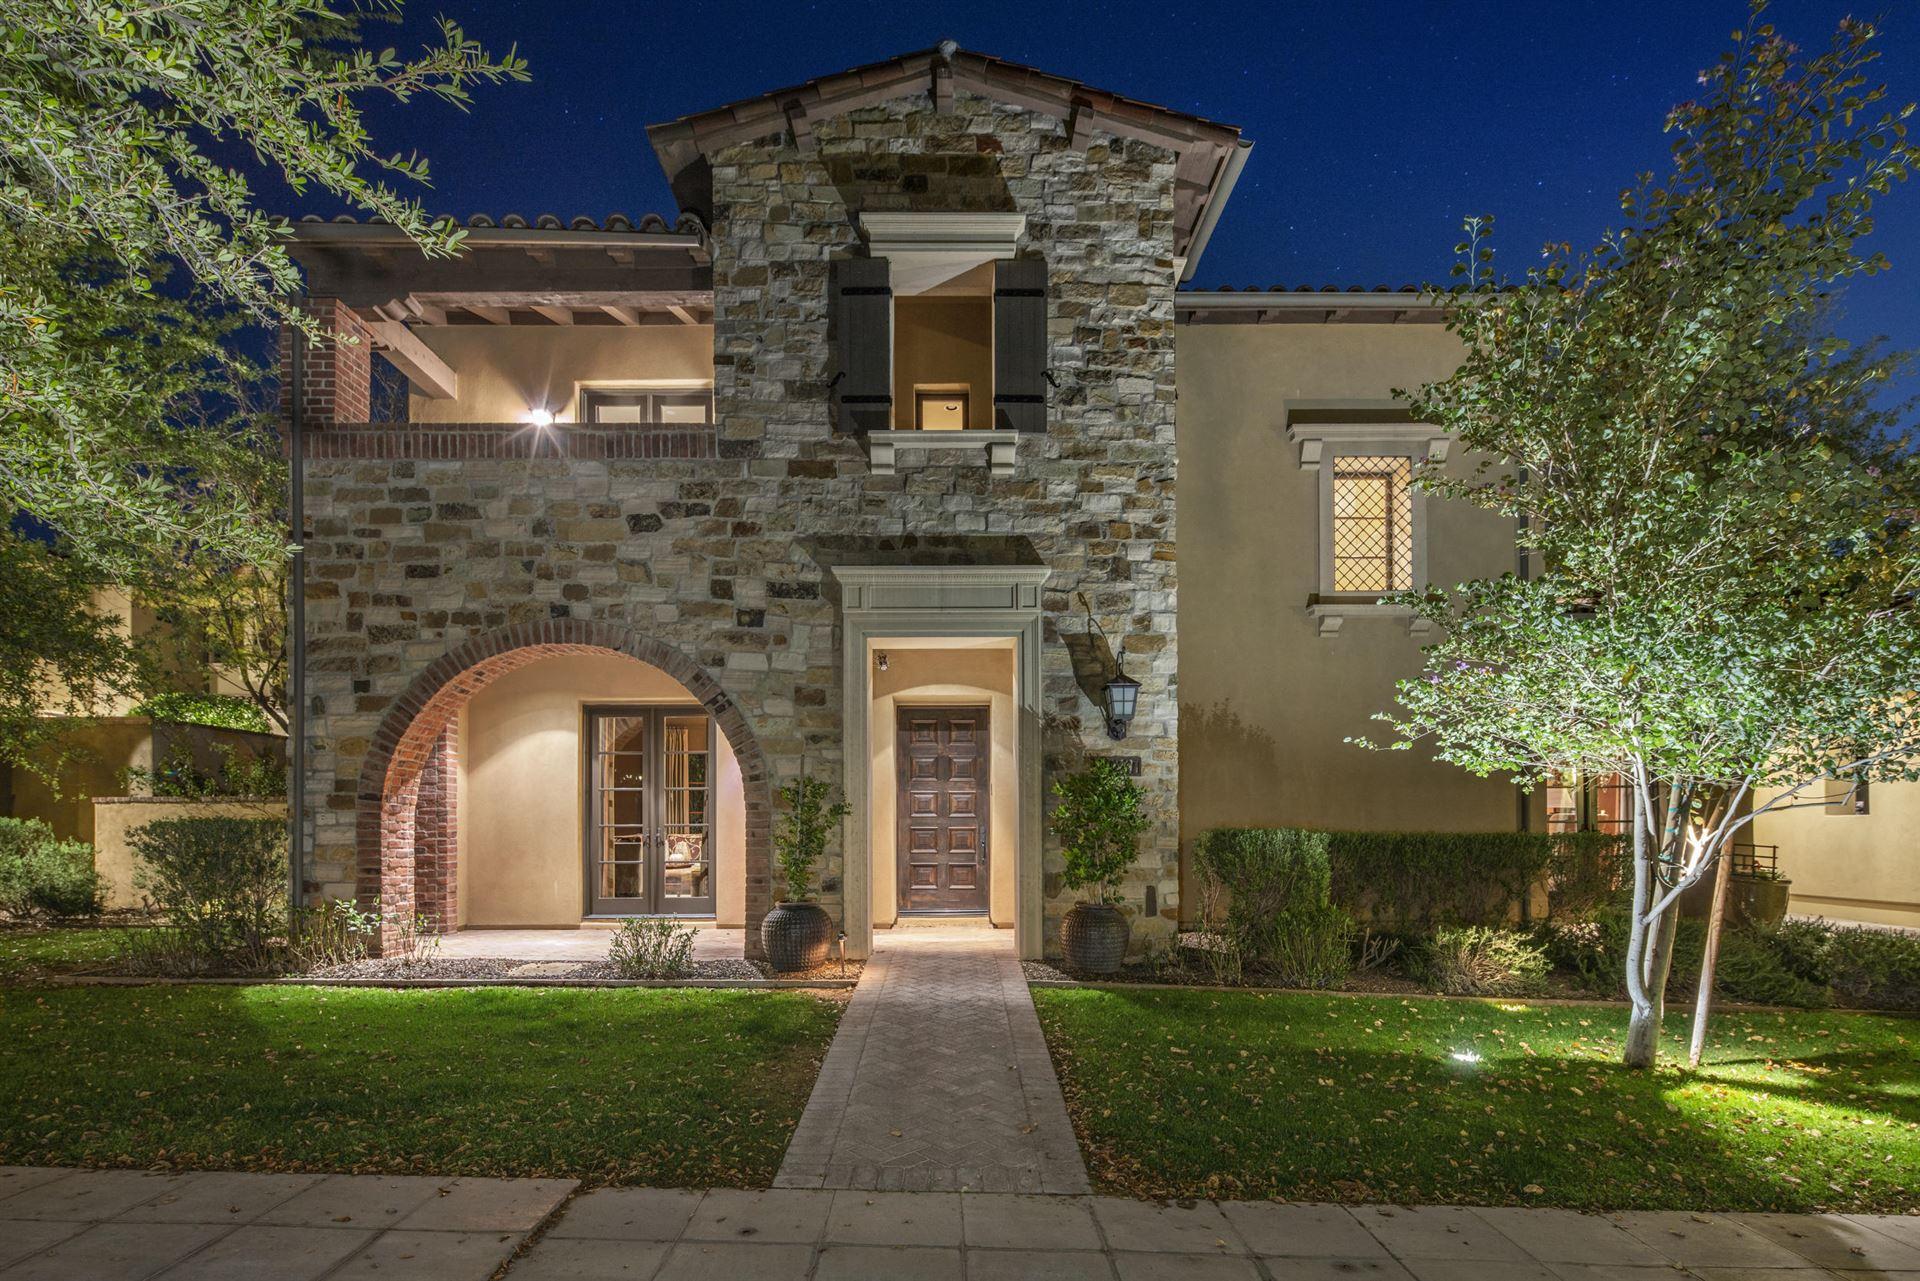 Photo of 10281 E WINDRUNNER Drive, Scottsdale, AZ 85255 (MLS # 6217579)